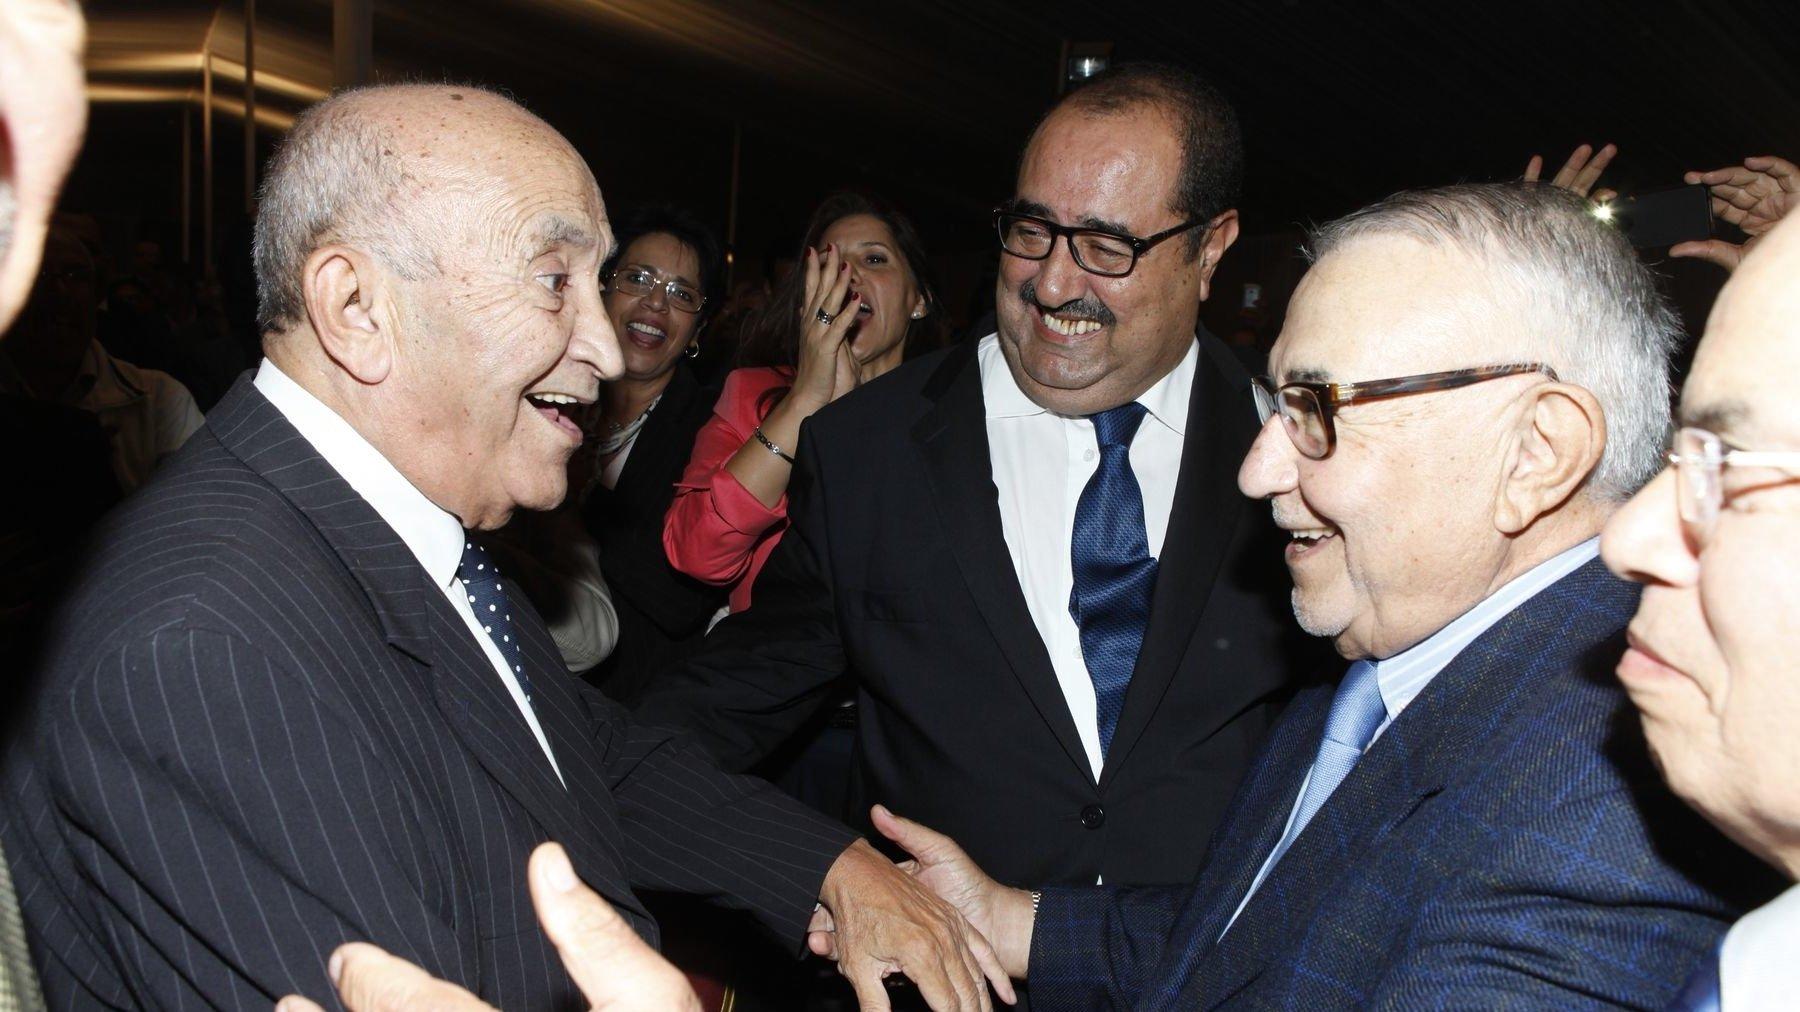 مصالحة الاتحاد الاشتراكي مع تاريخه: رائد الصحافة المغربية محمد الباهي يجمع الزعيم عبد الرحمان اليوسفي ولشكر